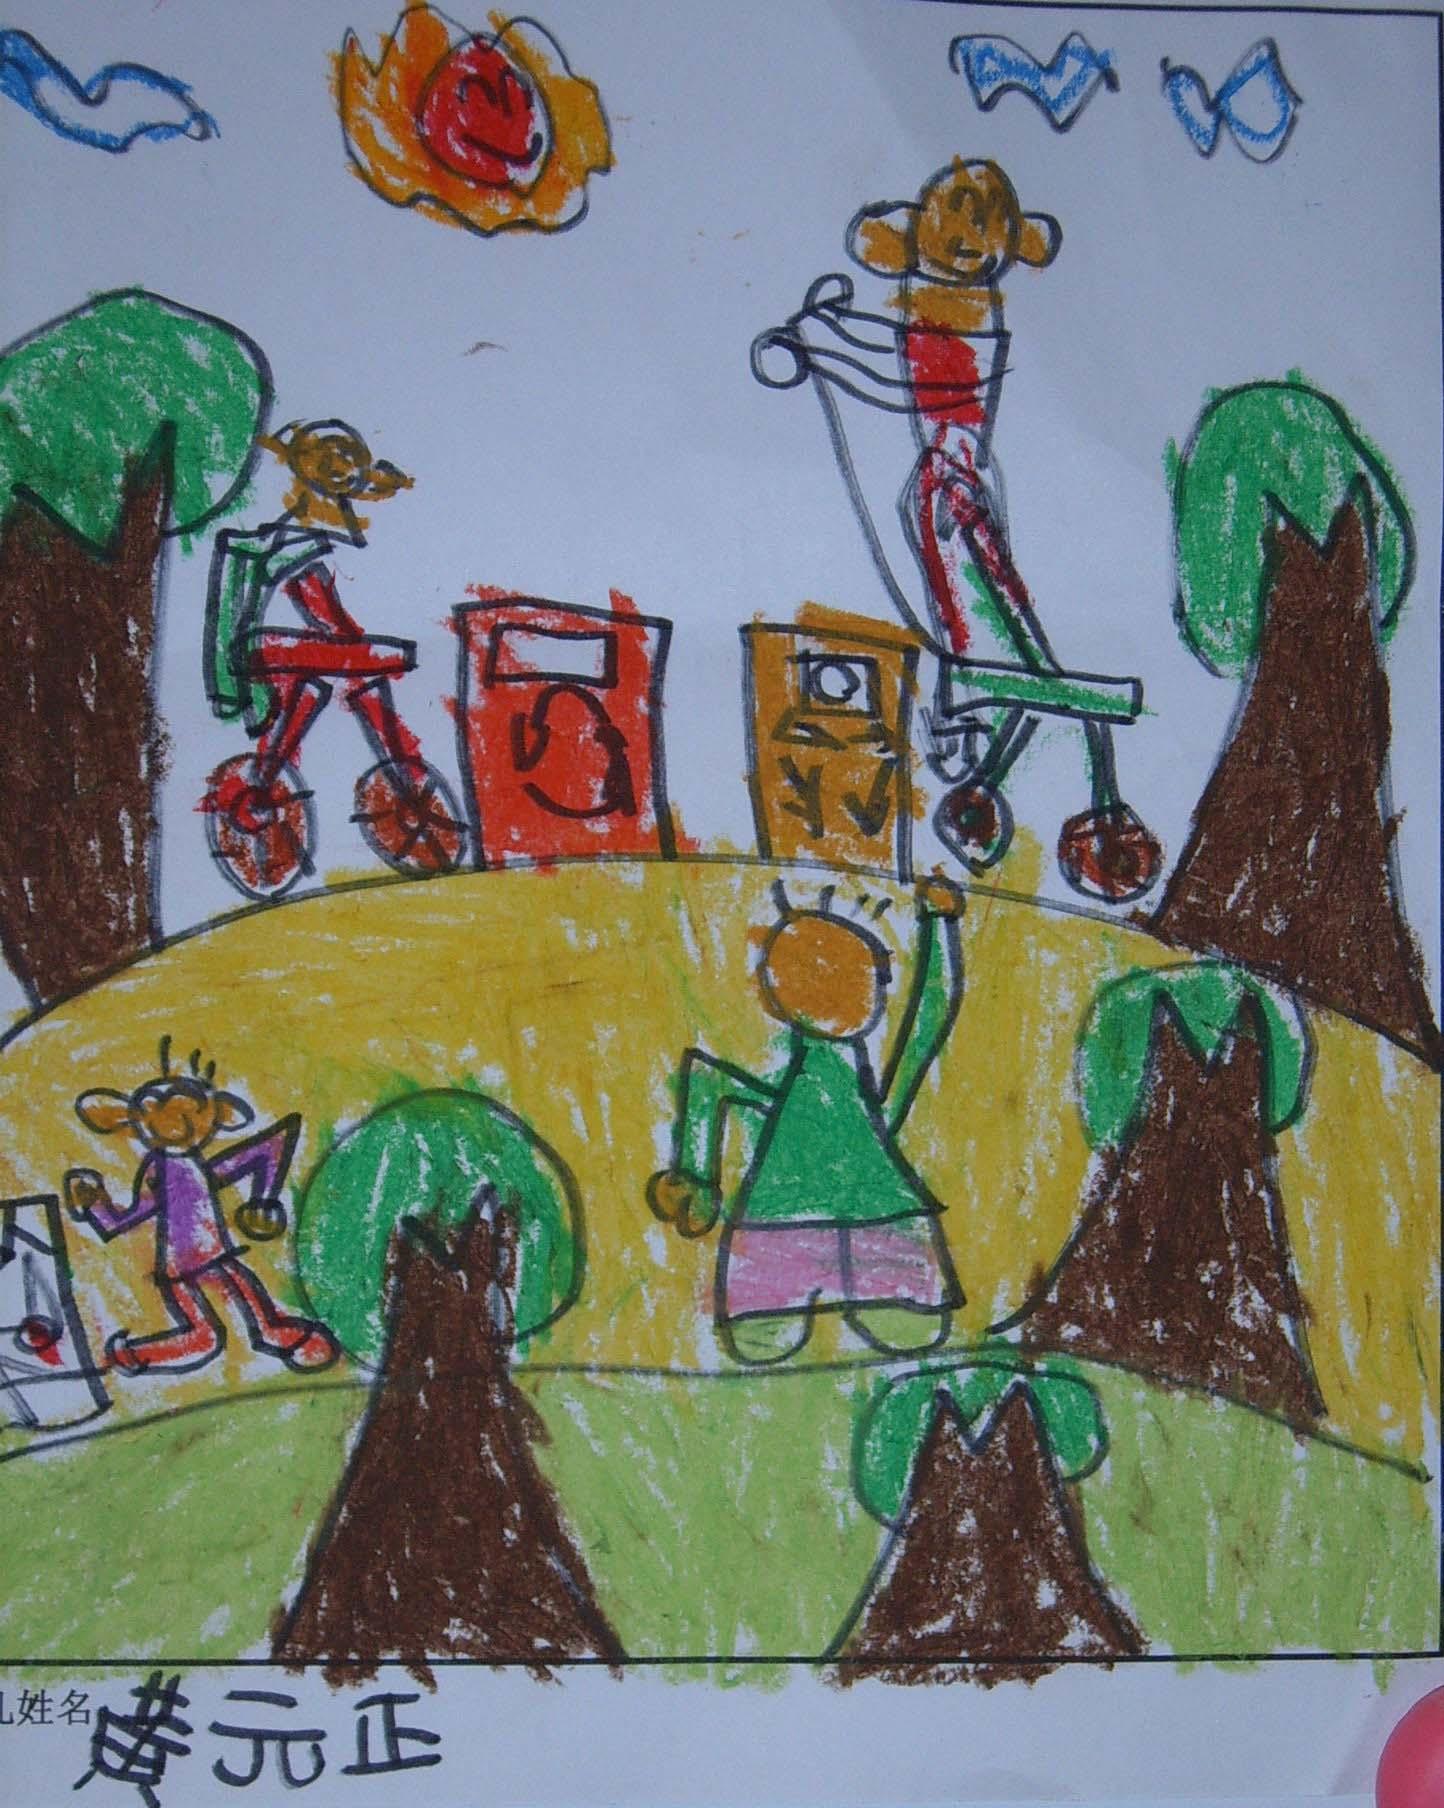 低碳环保儿童画作展示图片